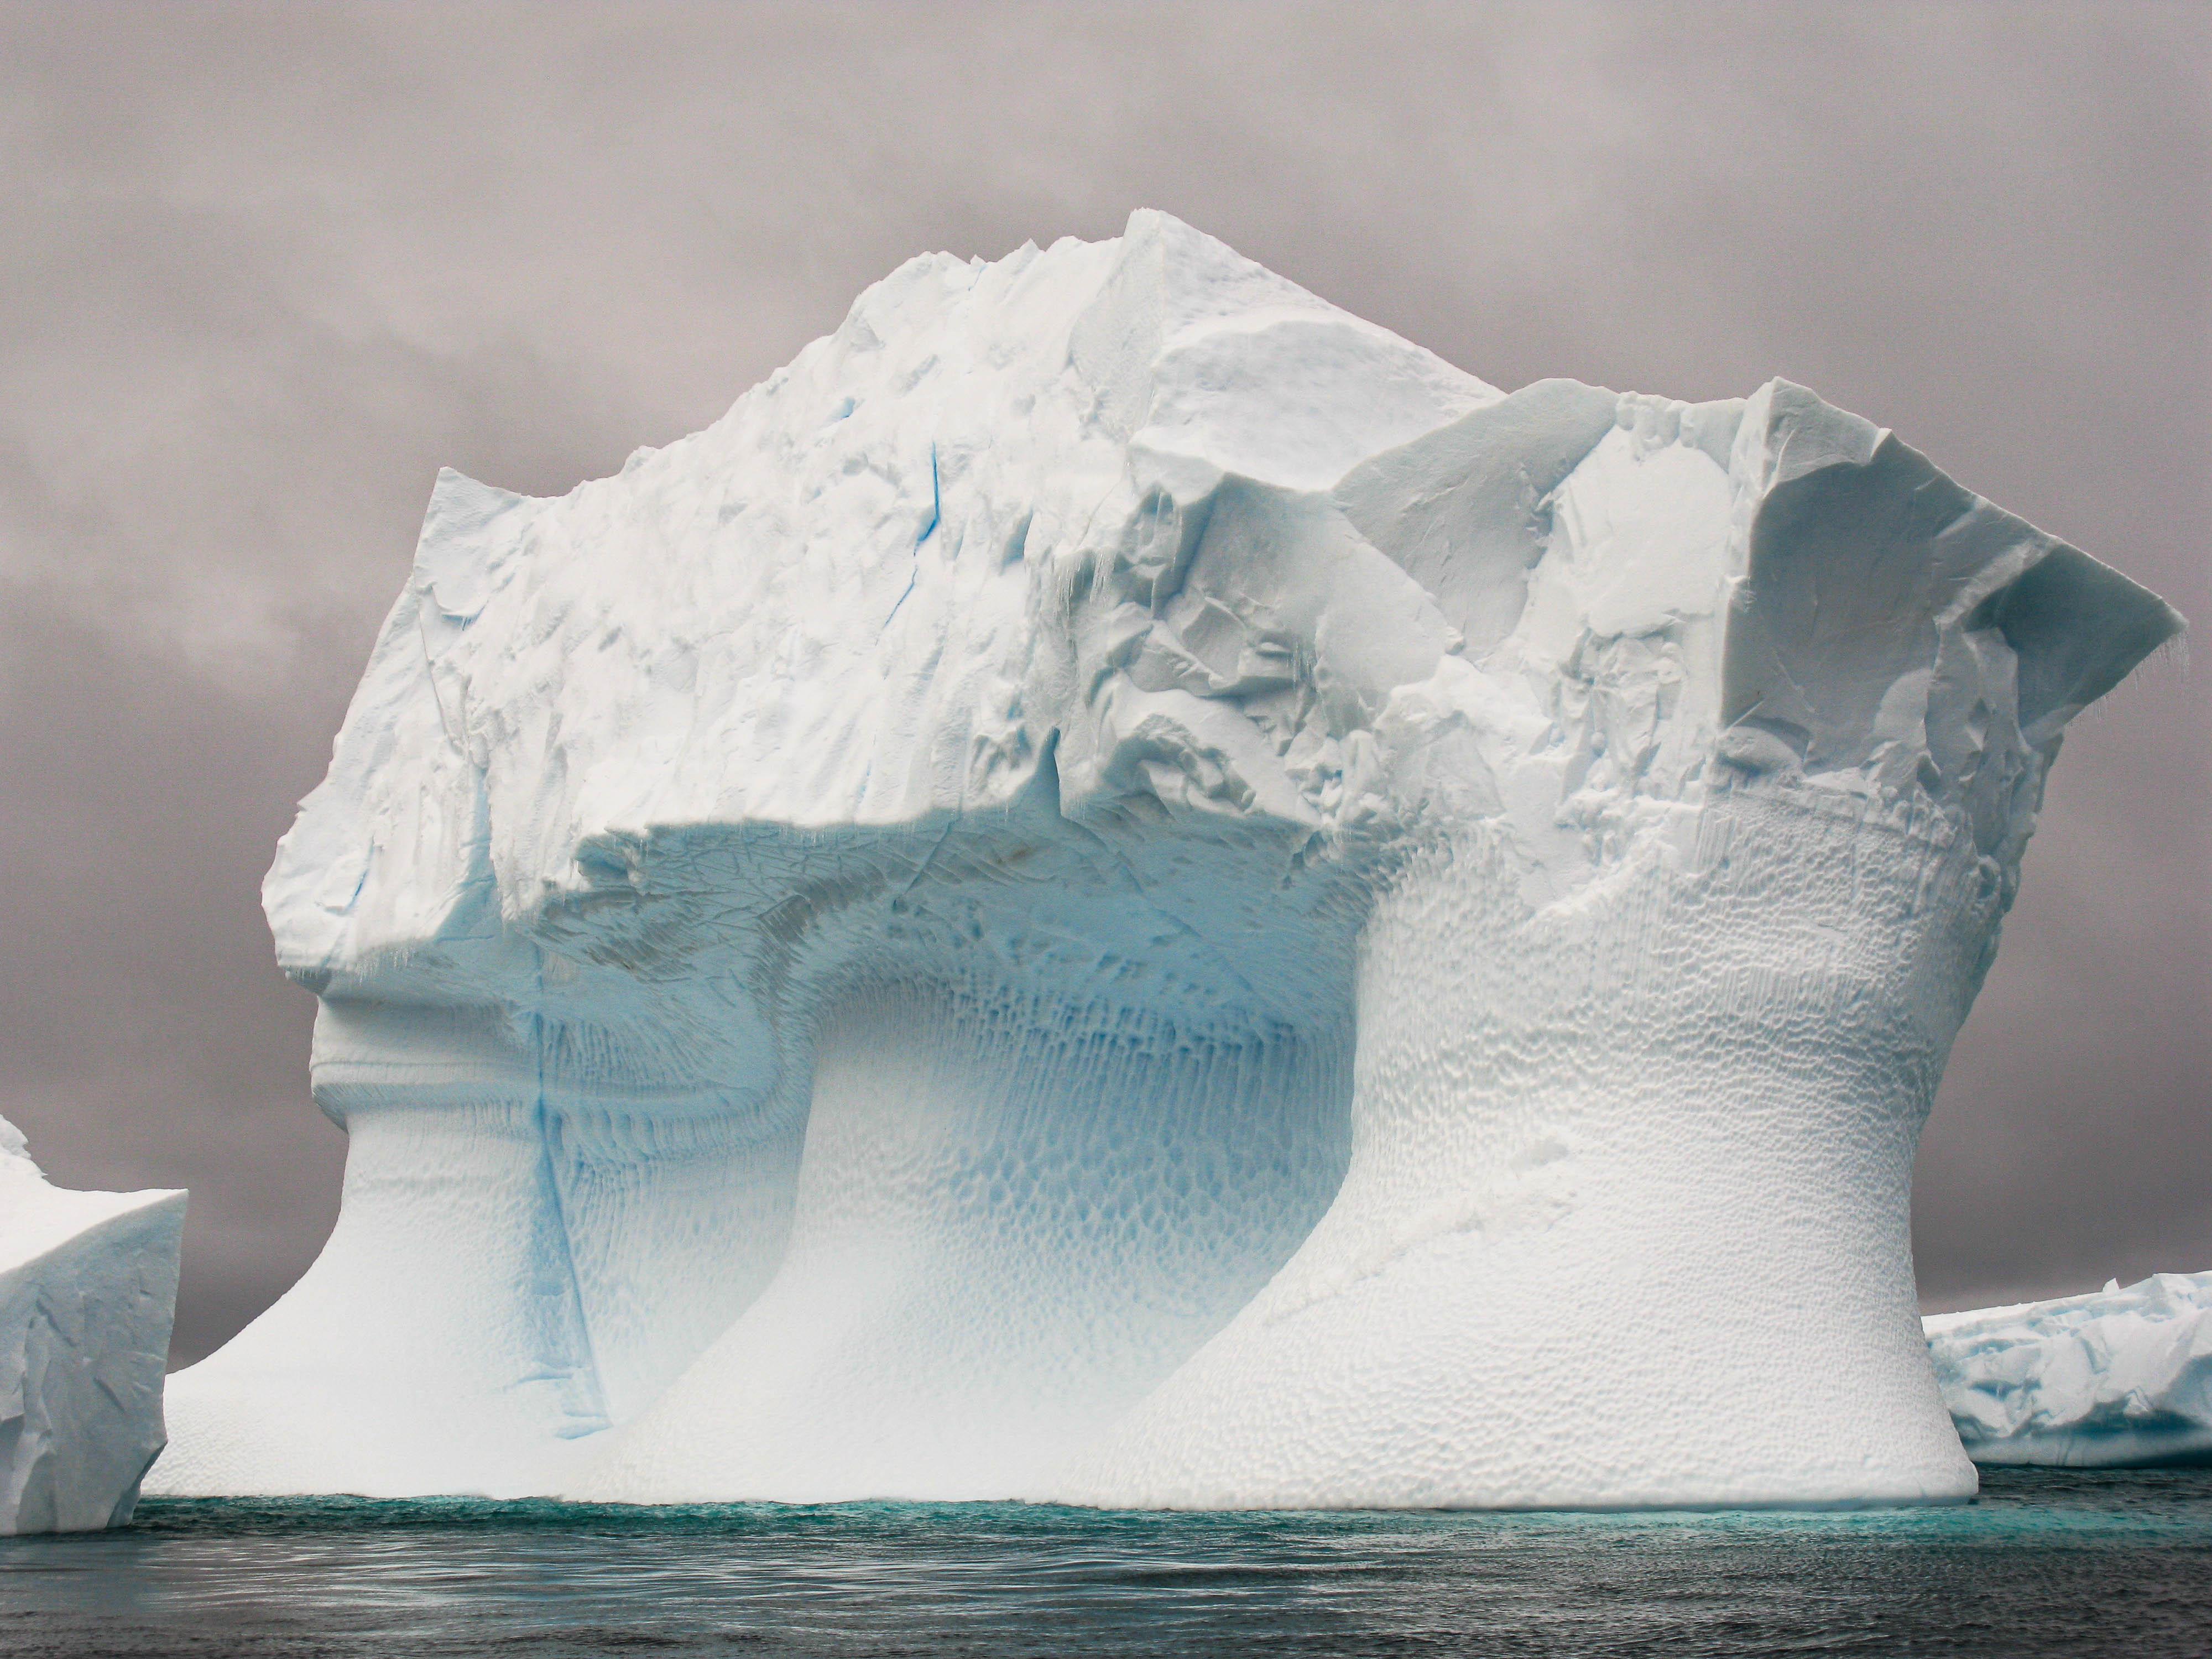 Wind-sculpted ice 1, Pléneau Island, Antarctica